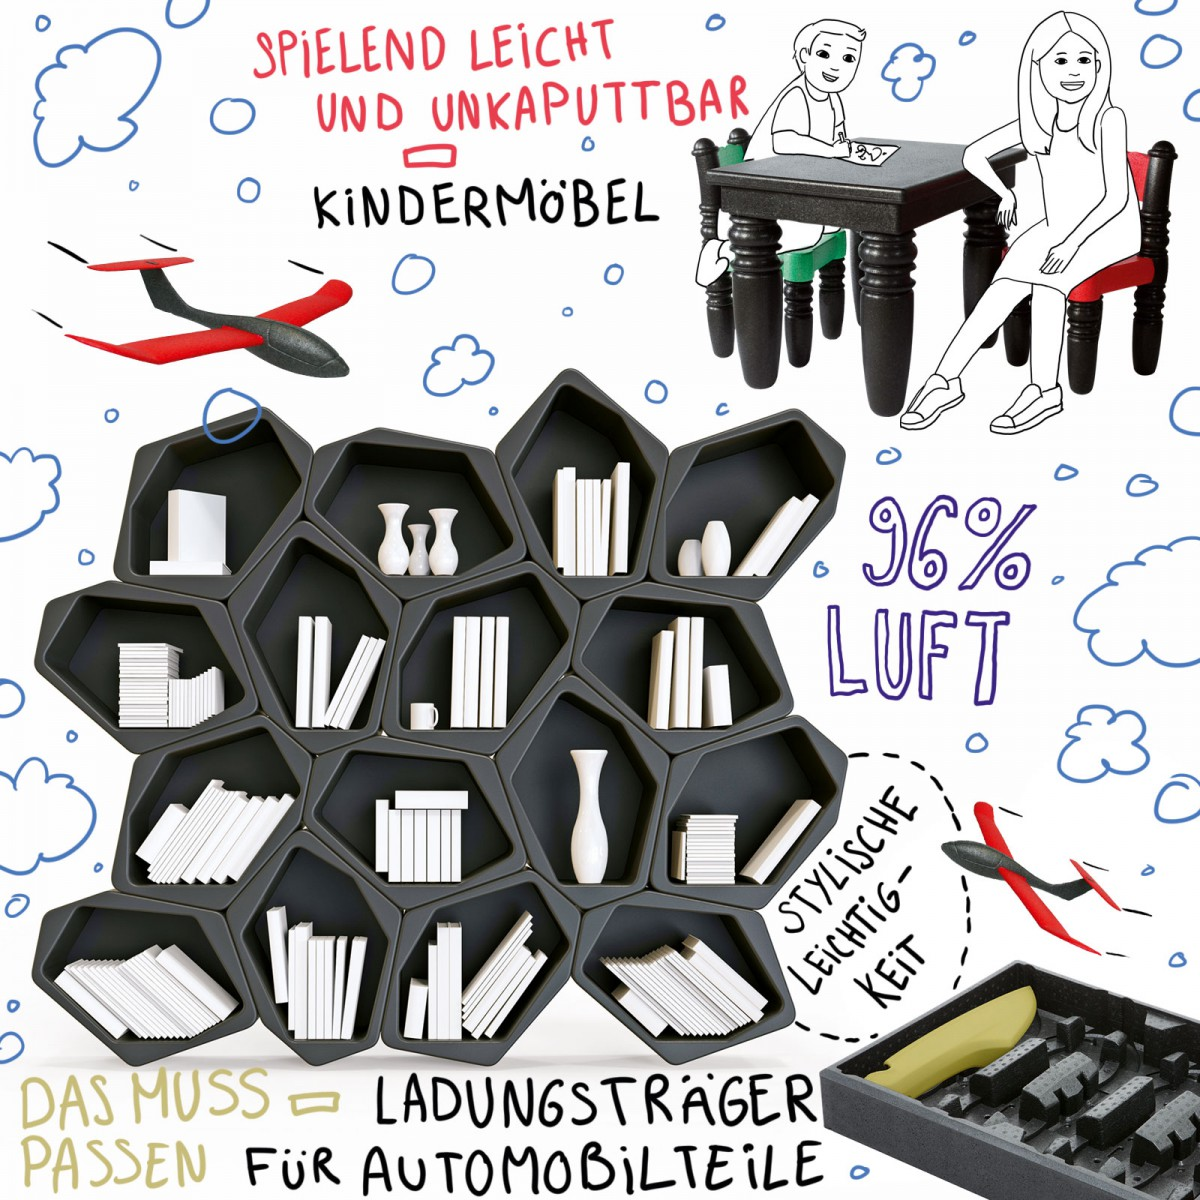 Illustration, in der einige Einsatzzwecke von Epp abgebildet sind: Ein Regal mit eine wabenähnlichen Struktur, Kindermöbel (Tisch und Stühle), Ein Wurfflugzeug.